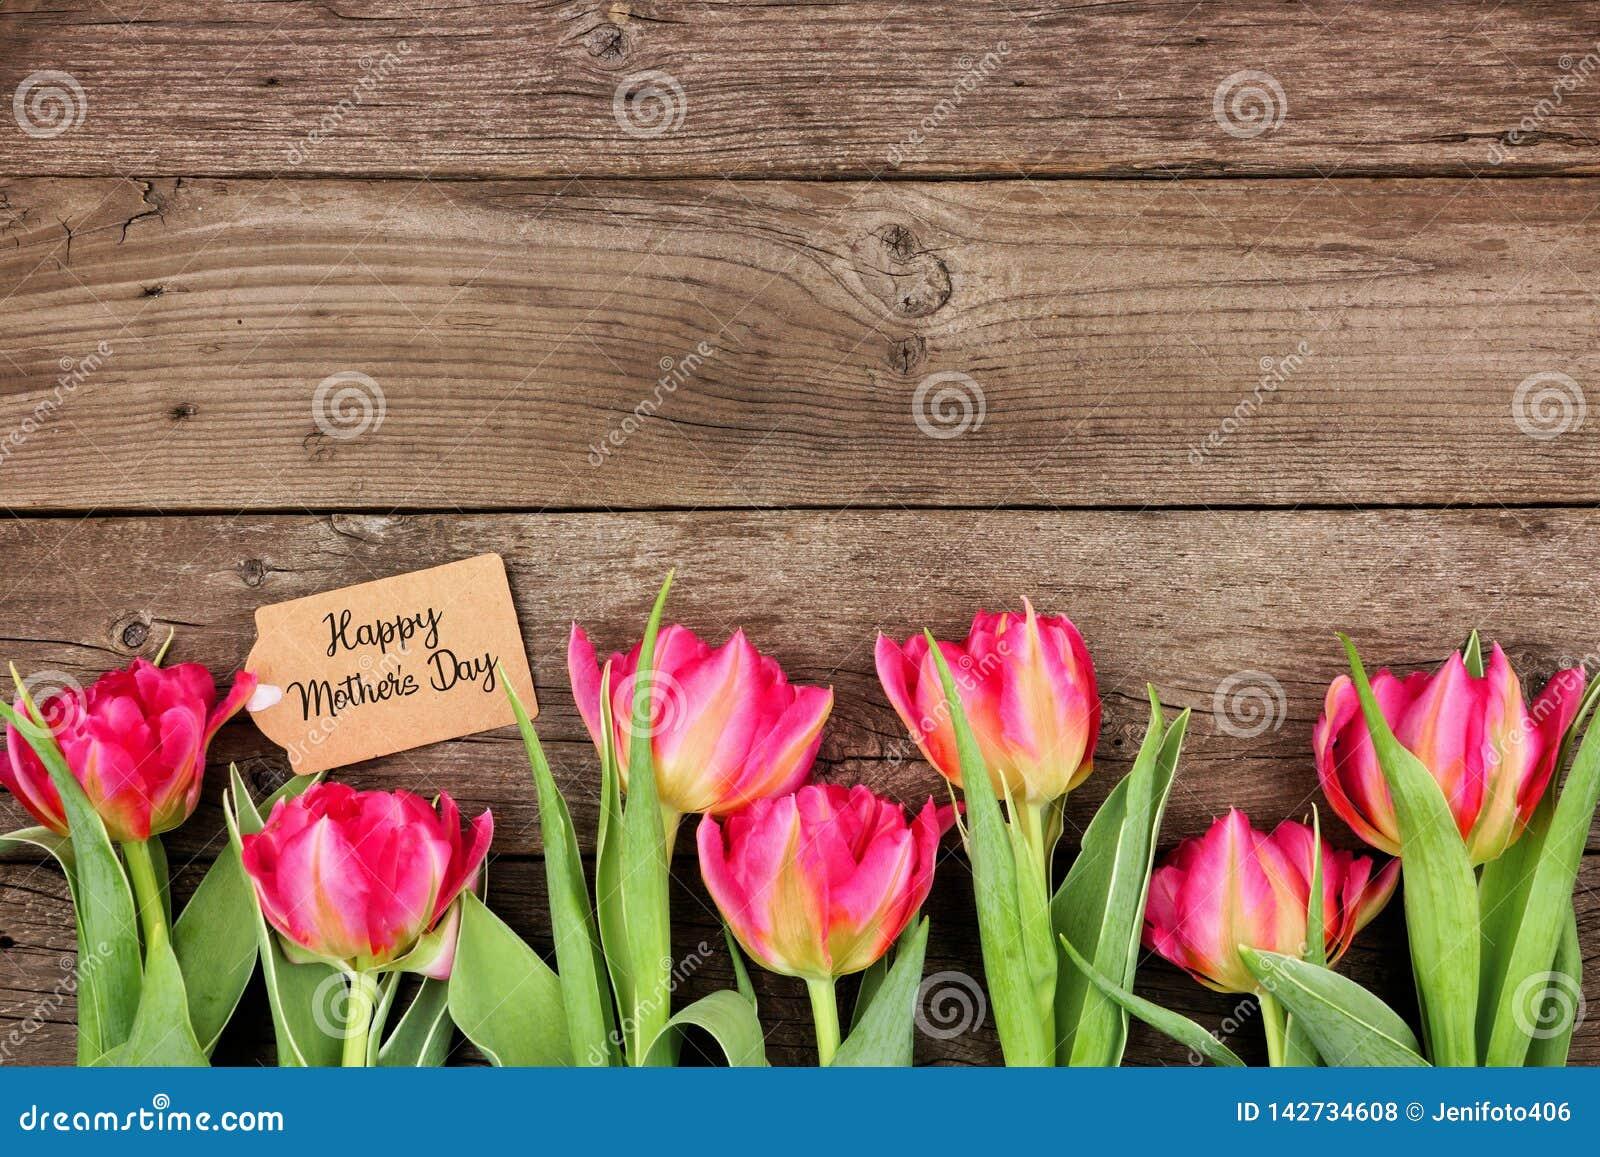 Ευτυχής ετικέττα ημέρας μητέρων με τα κατώτατα σύνορα των ρόδινων λουλουδιών σε ένα αγροτικό ξύλινο κλίμα